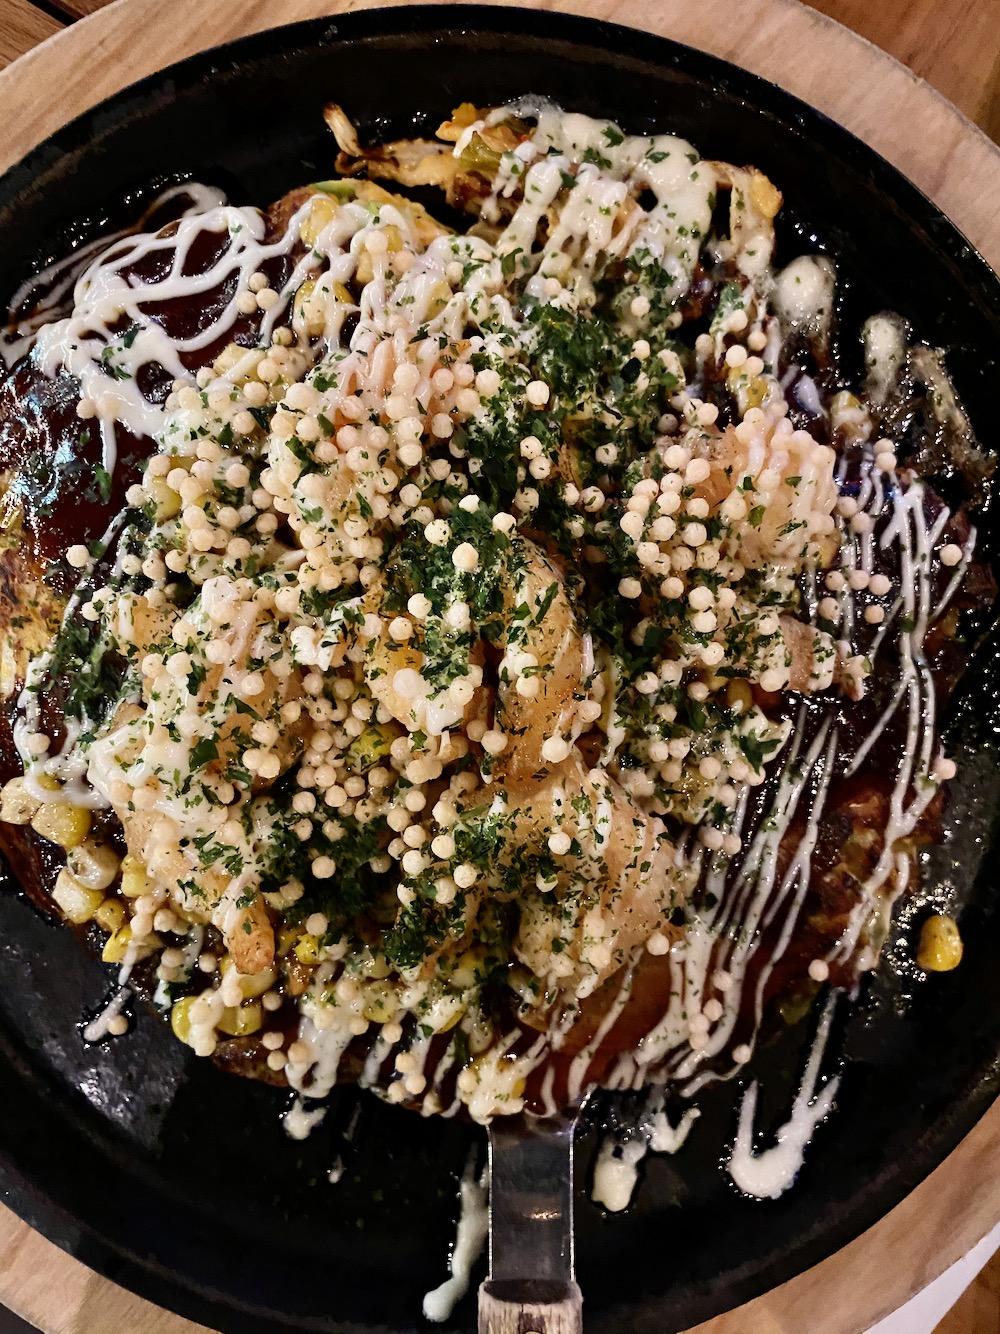 Gaijin Review: Japanese Pancakes